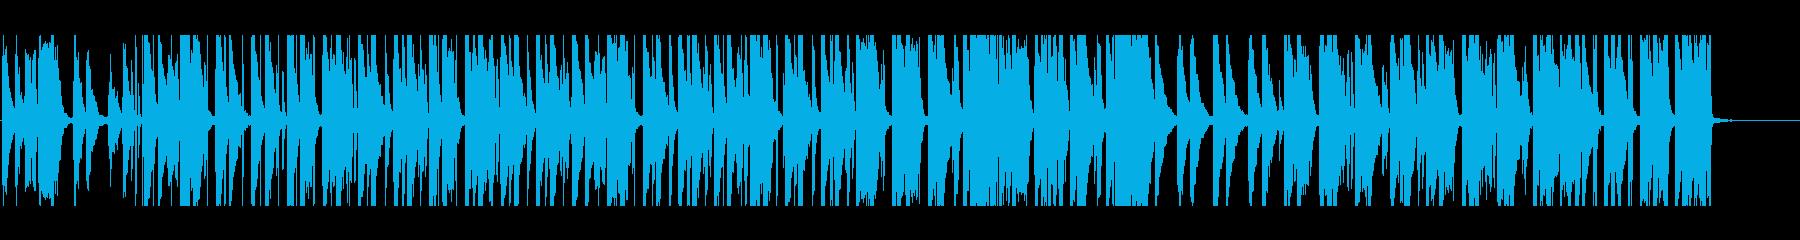 女性英語歌詞 チルベッドタイムバラードの再生済みの波形